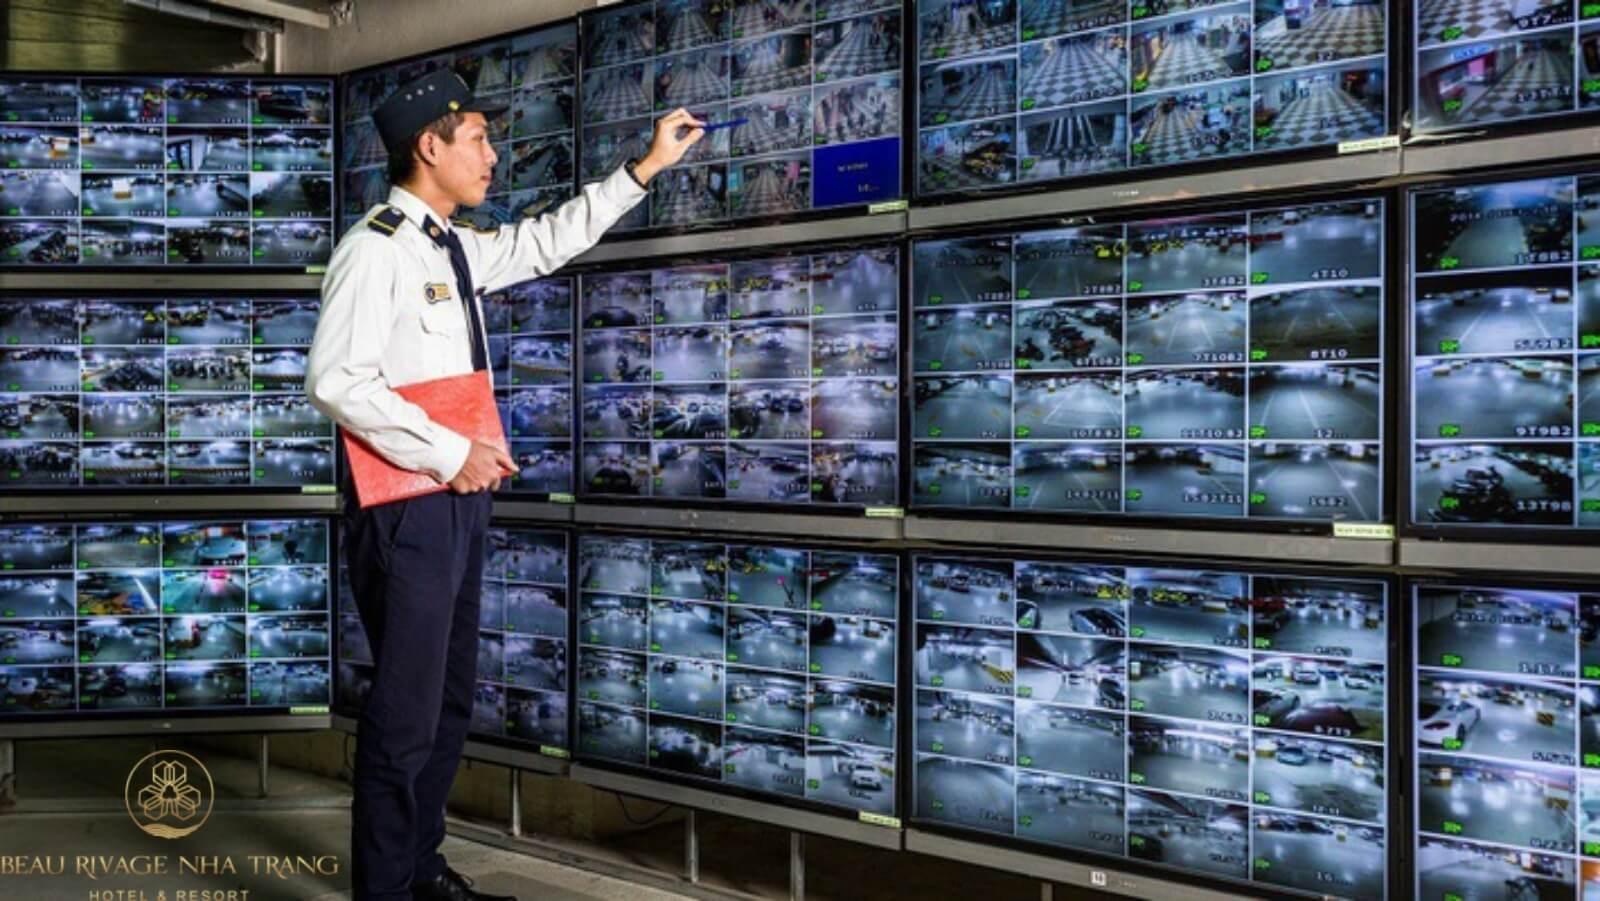 Hệ thống theo dõi giám sát tại dự án Beau Rivage